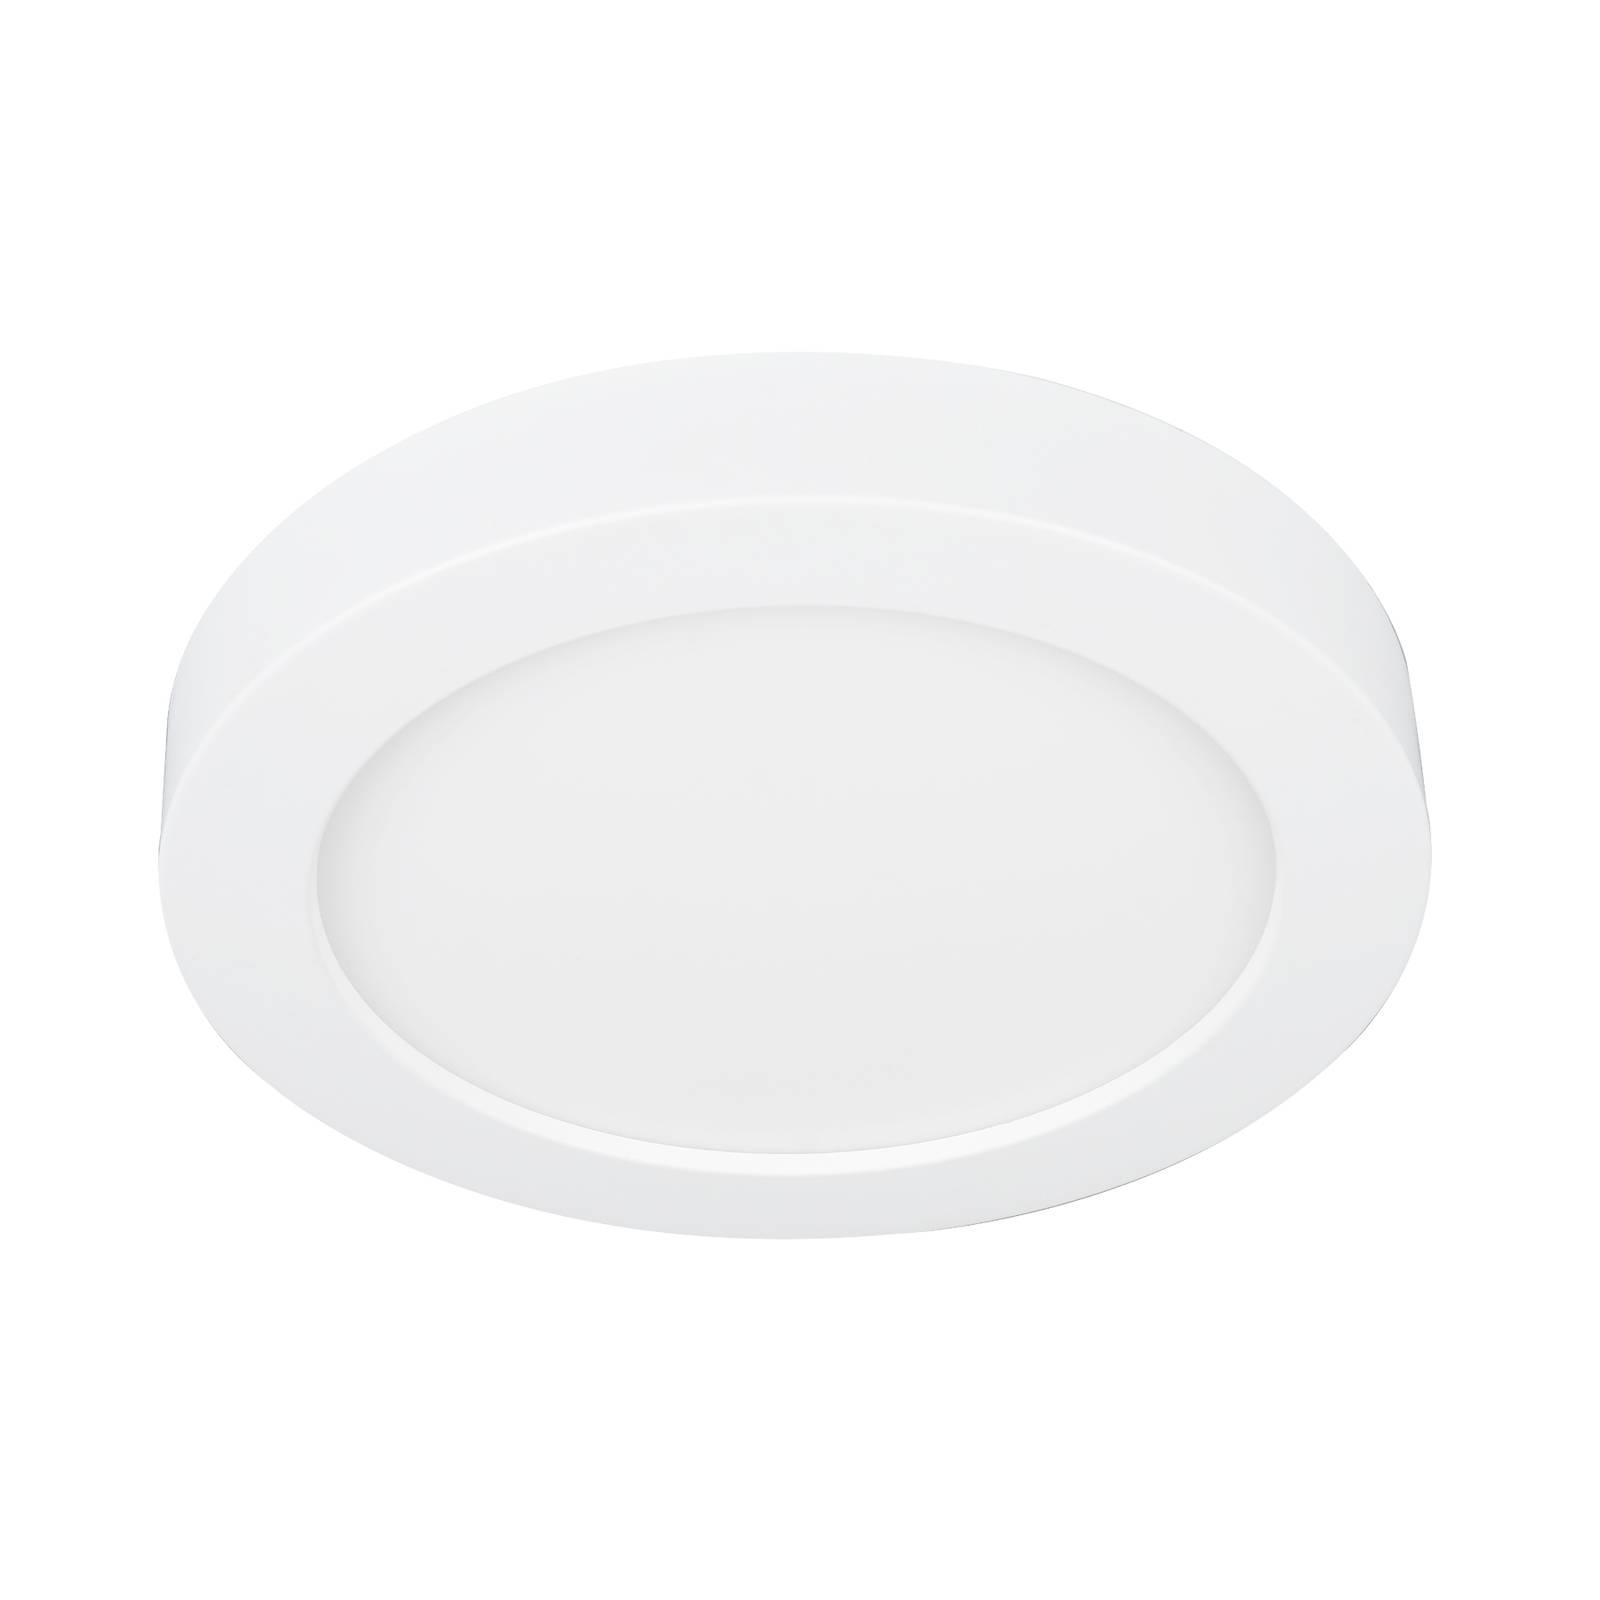 Prios Edwina -LED-kattovalaisin valkoinen 12,2 cm